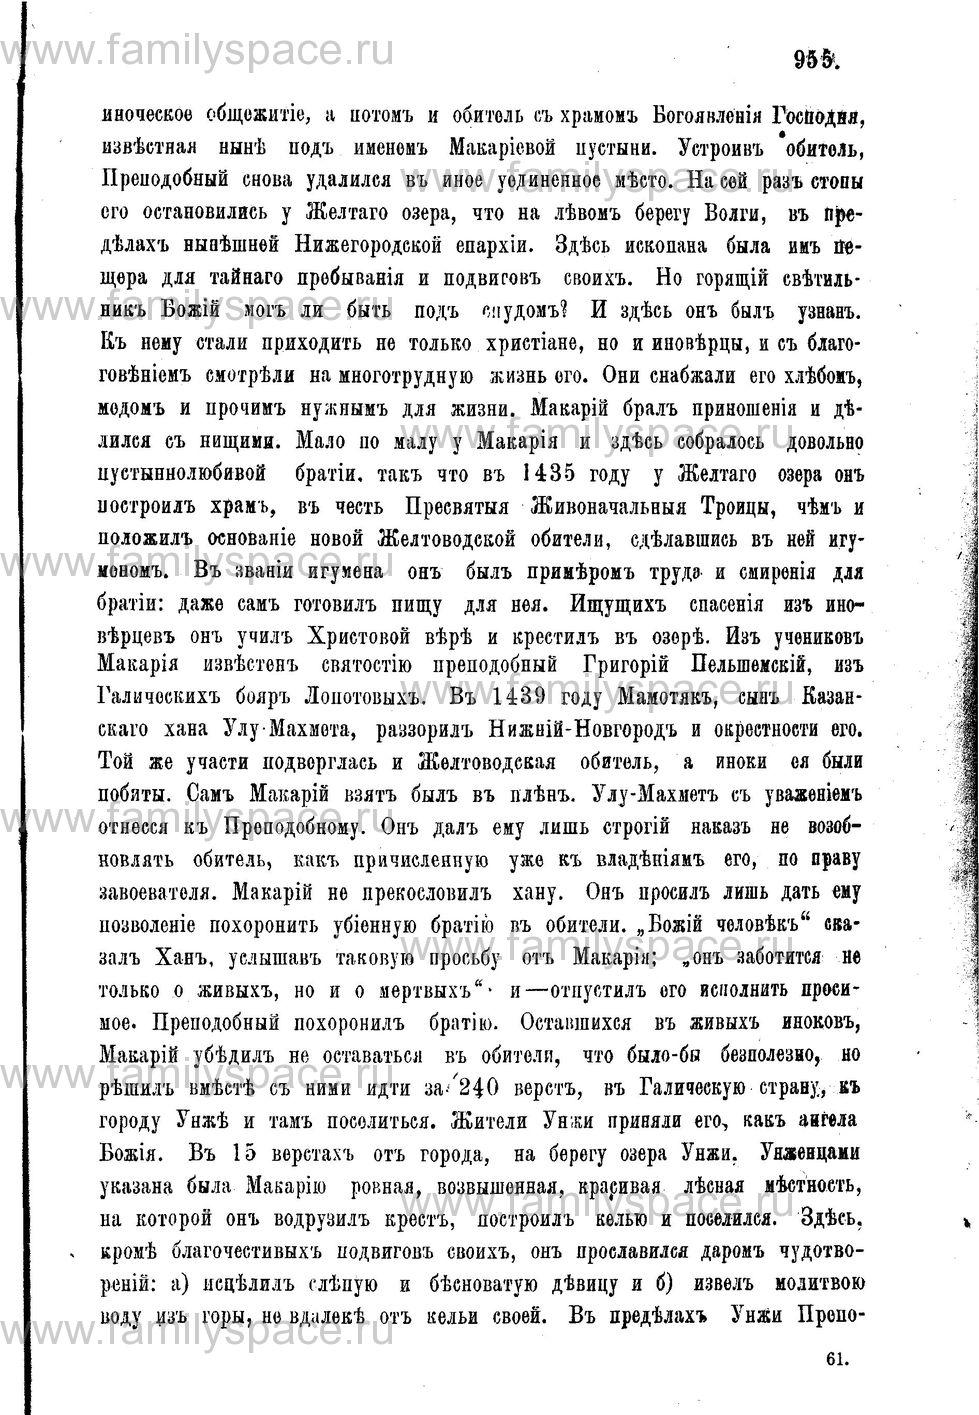 Поиск по фамилии - Адрес-календарь Нижегородской епархии на 1888 год, страница 1955